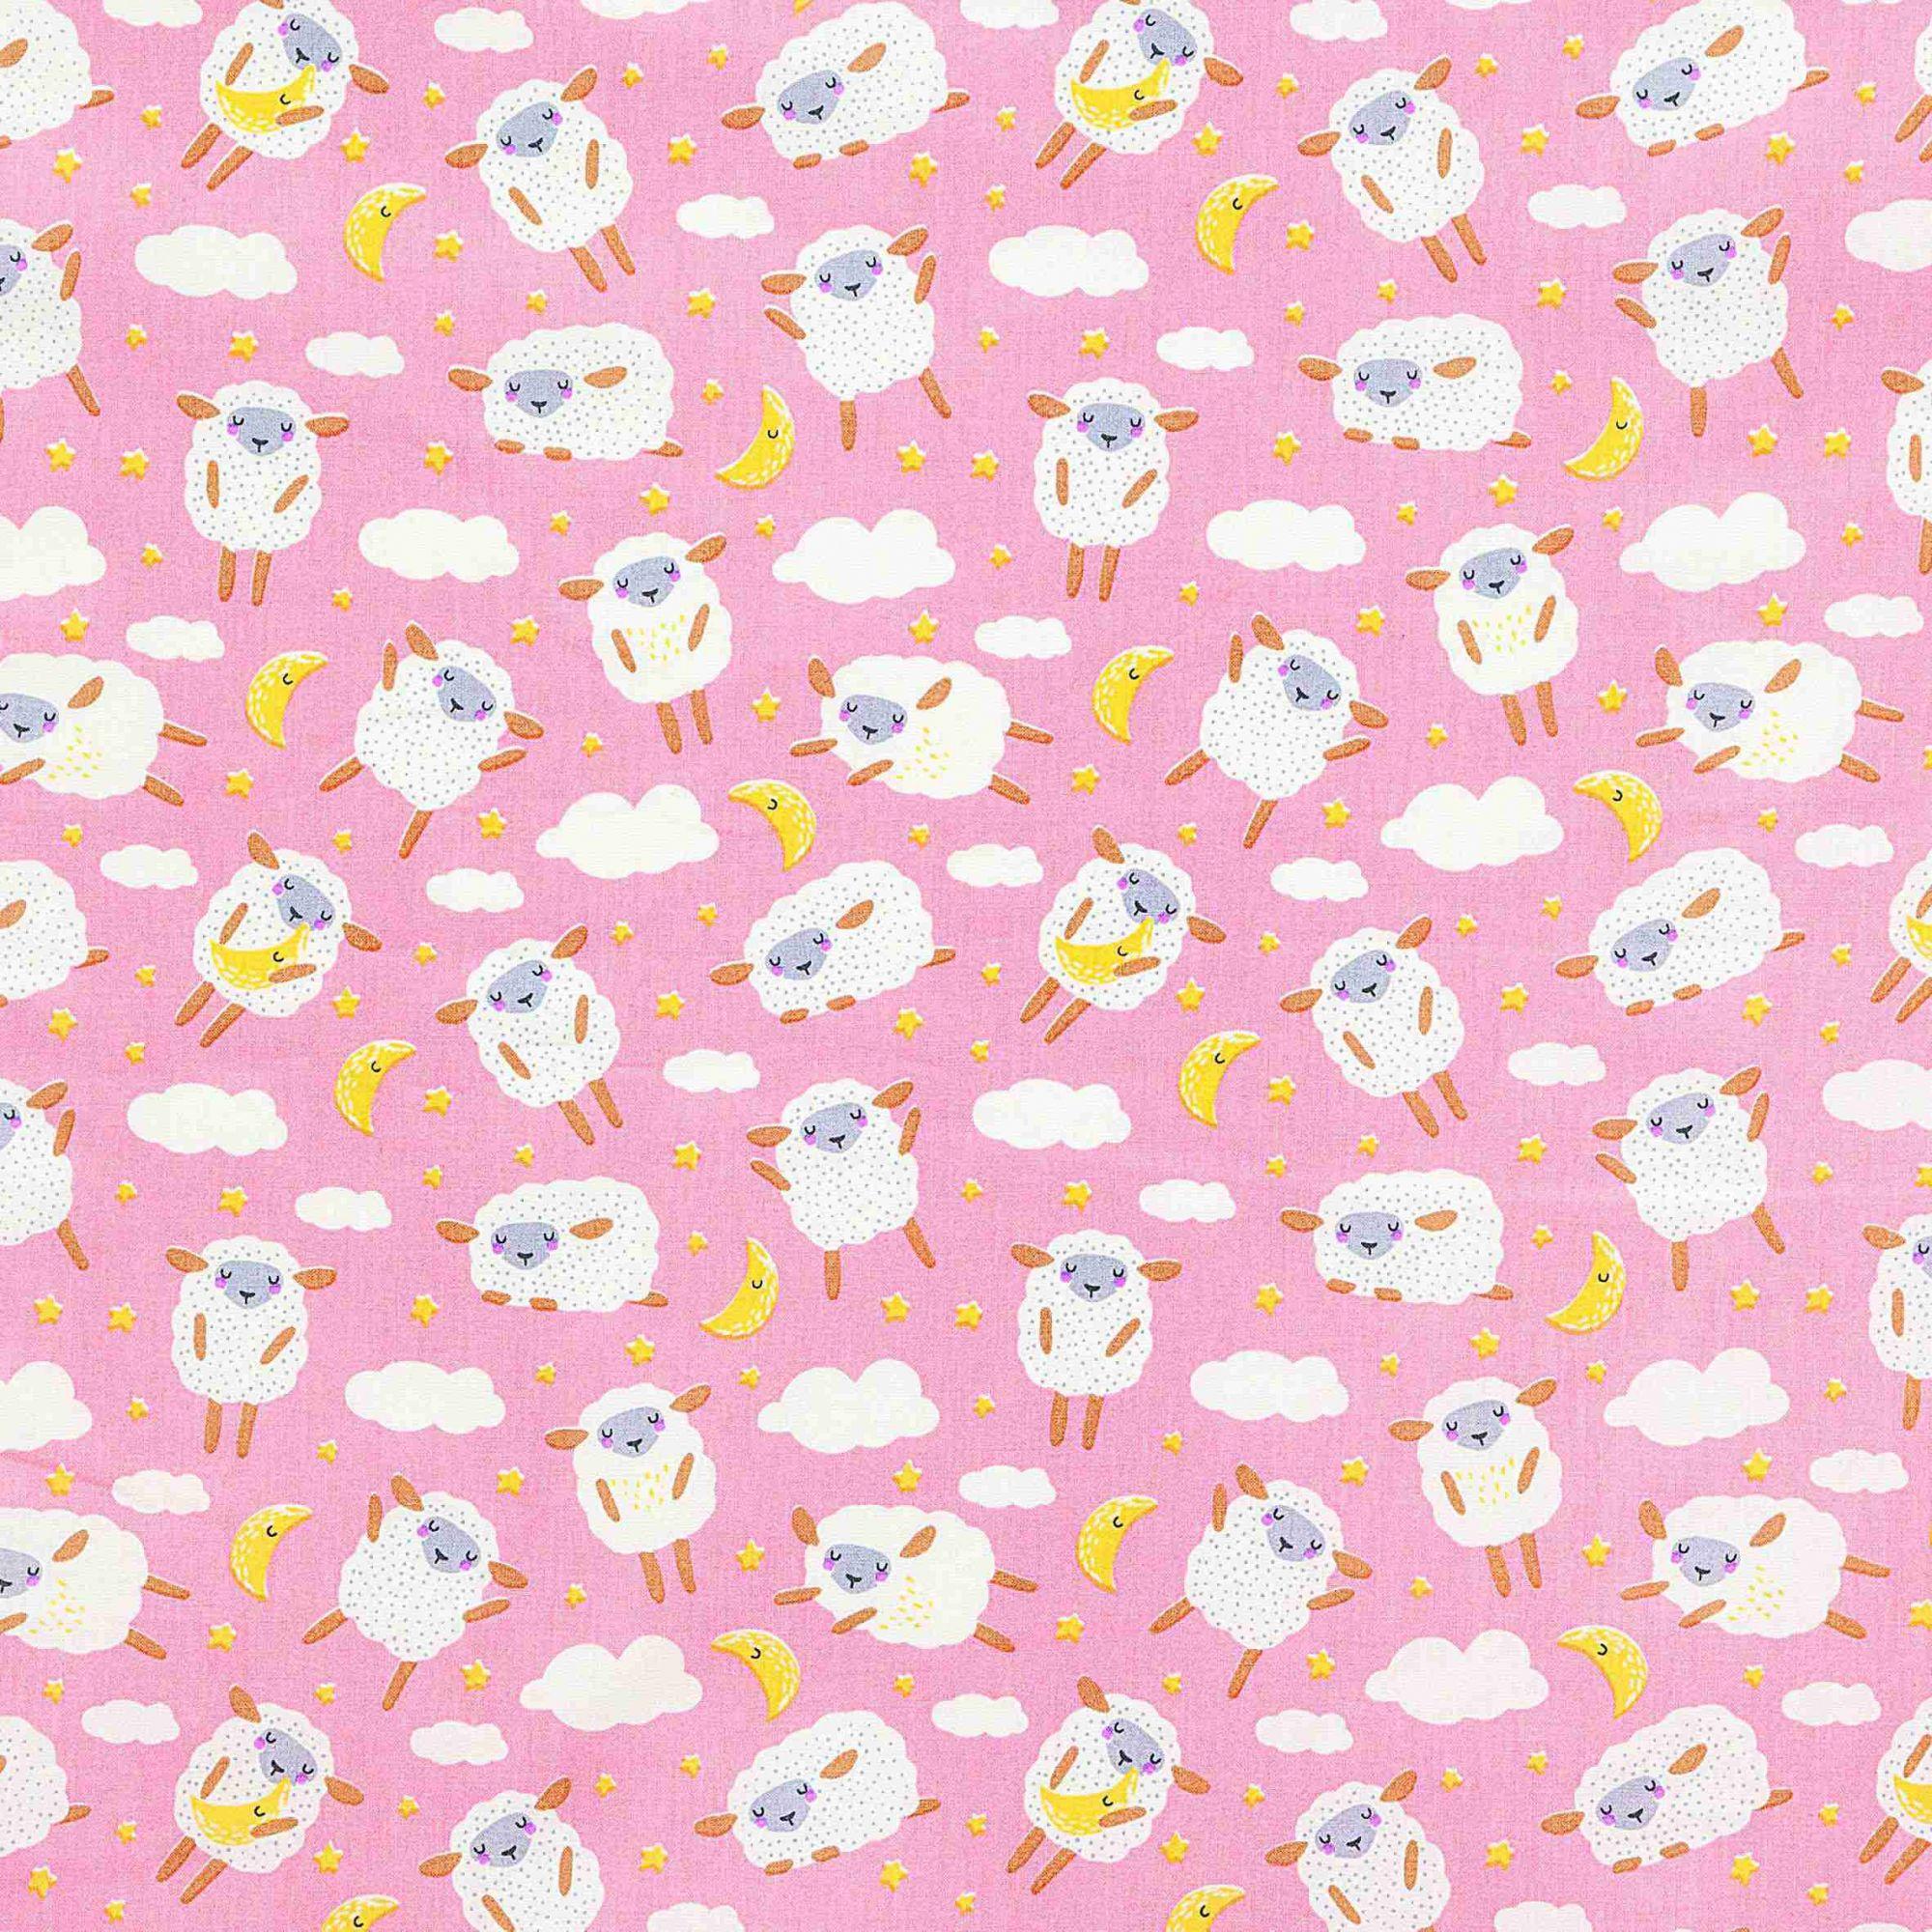 Tecido tricoline estampado dohler 100% algodão ovelha rosa